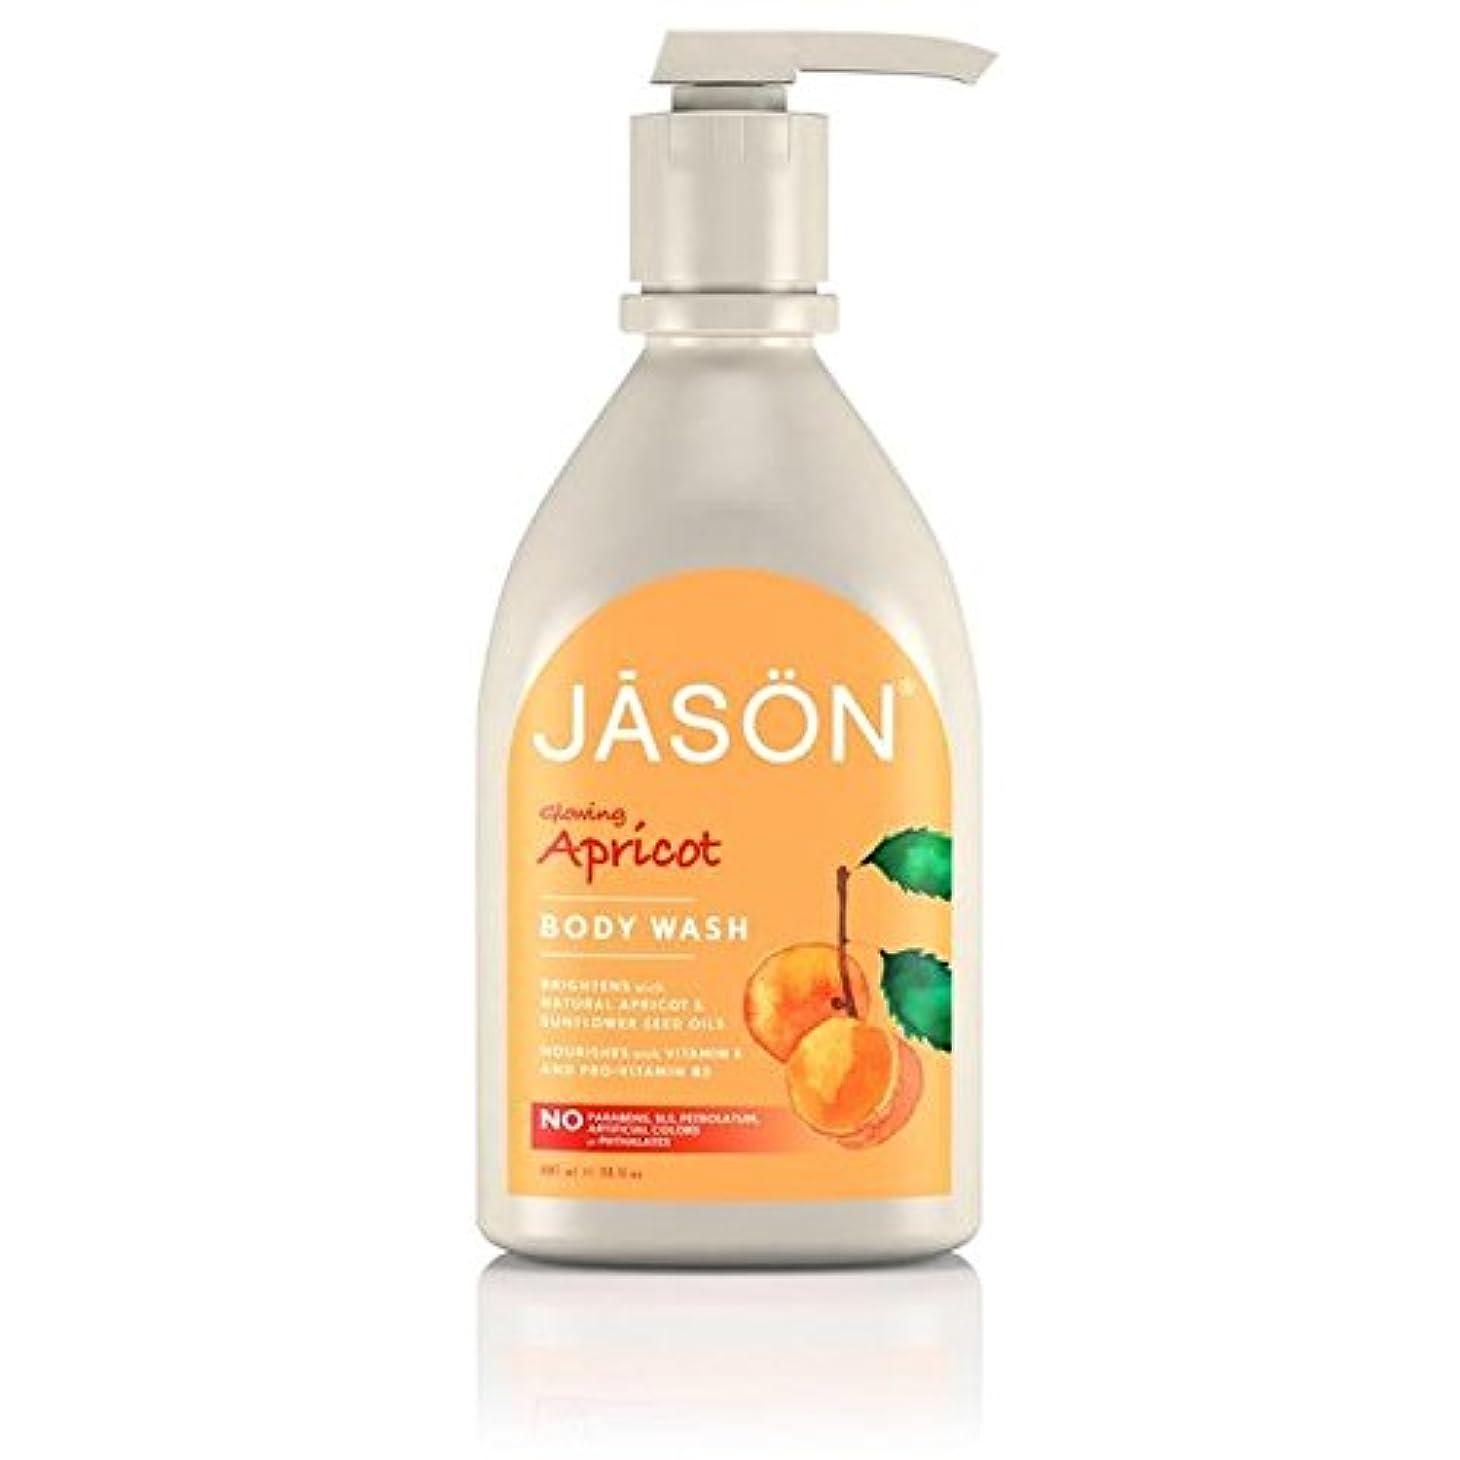 羊飼い読者デュアルジェイソン?アプリコットサテンボディウォッシュポンプ900ミリリットル x4 - Jason Apricot Satin Body Wash Pump 900ml (Pack of 4) [並行輸入品]